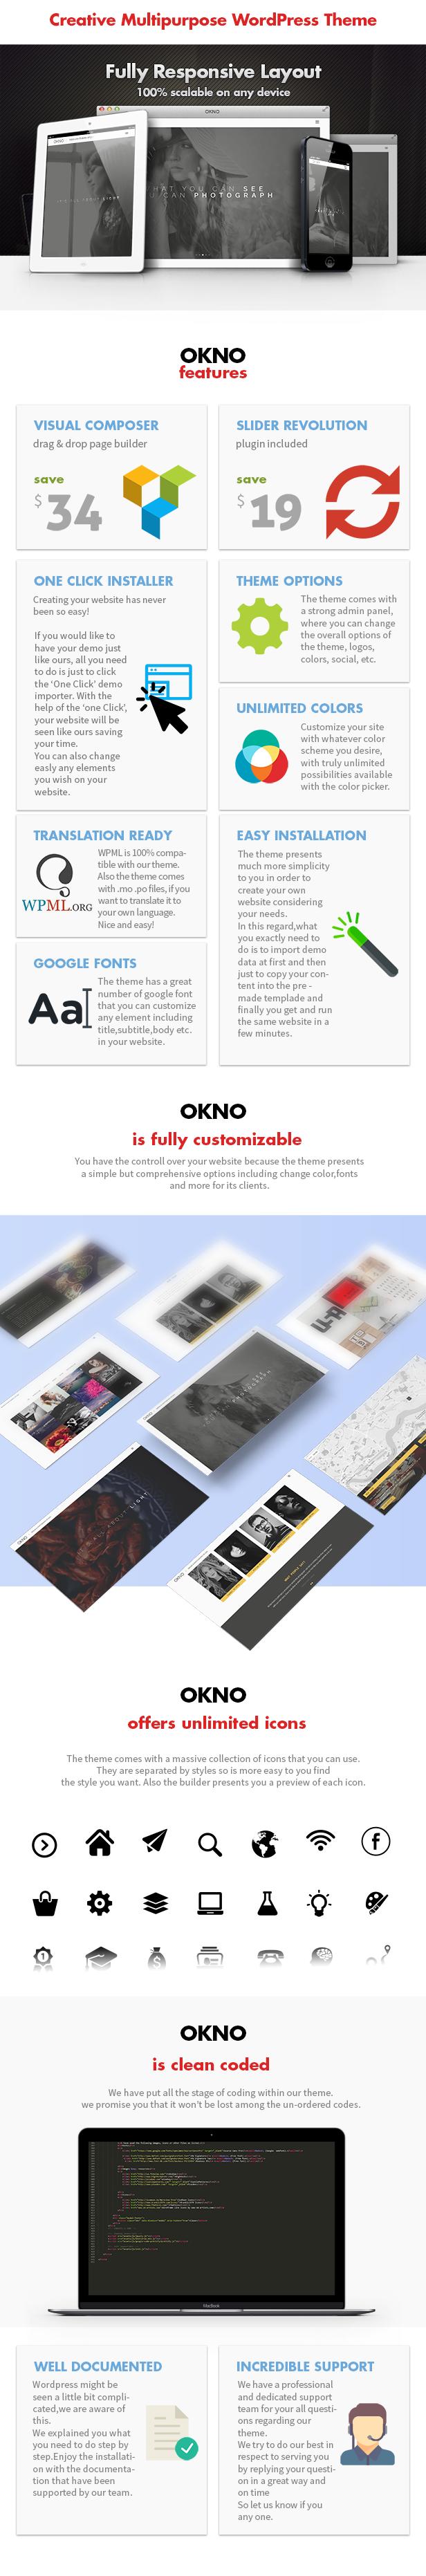 Okno - Agency Portfolio Theme - 6